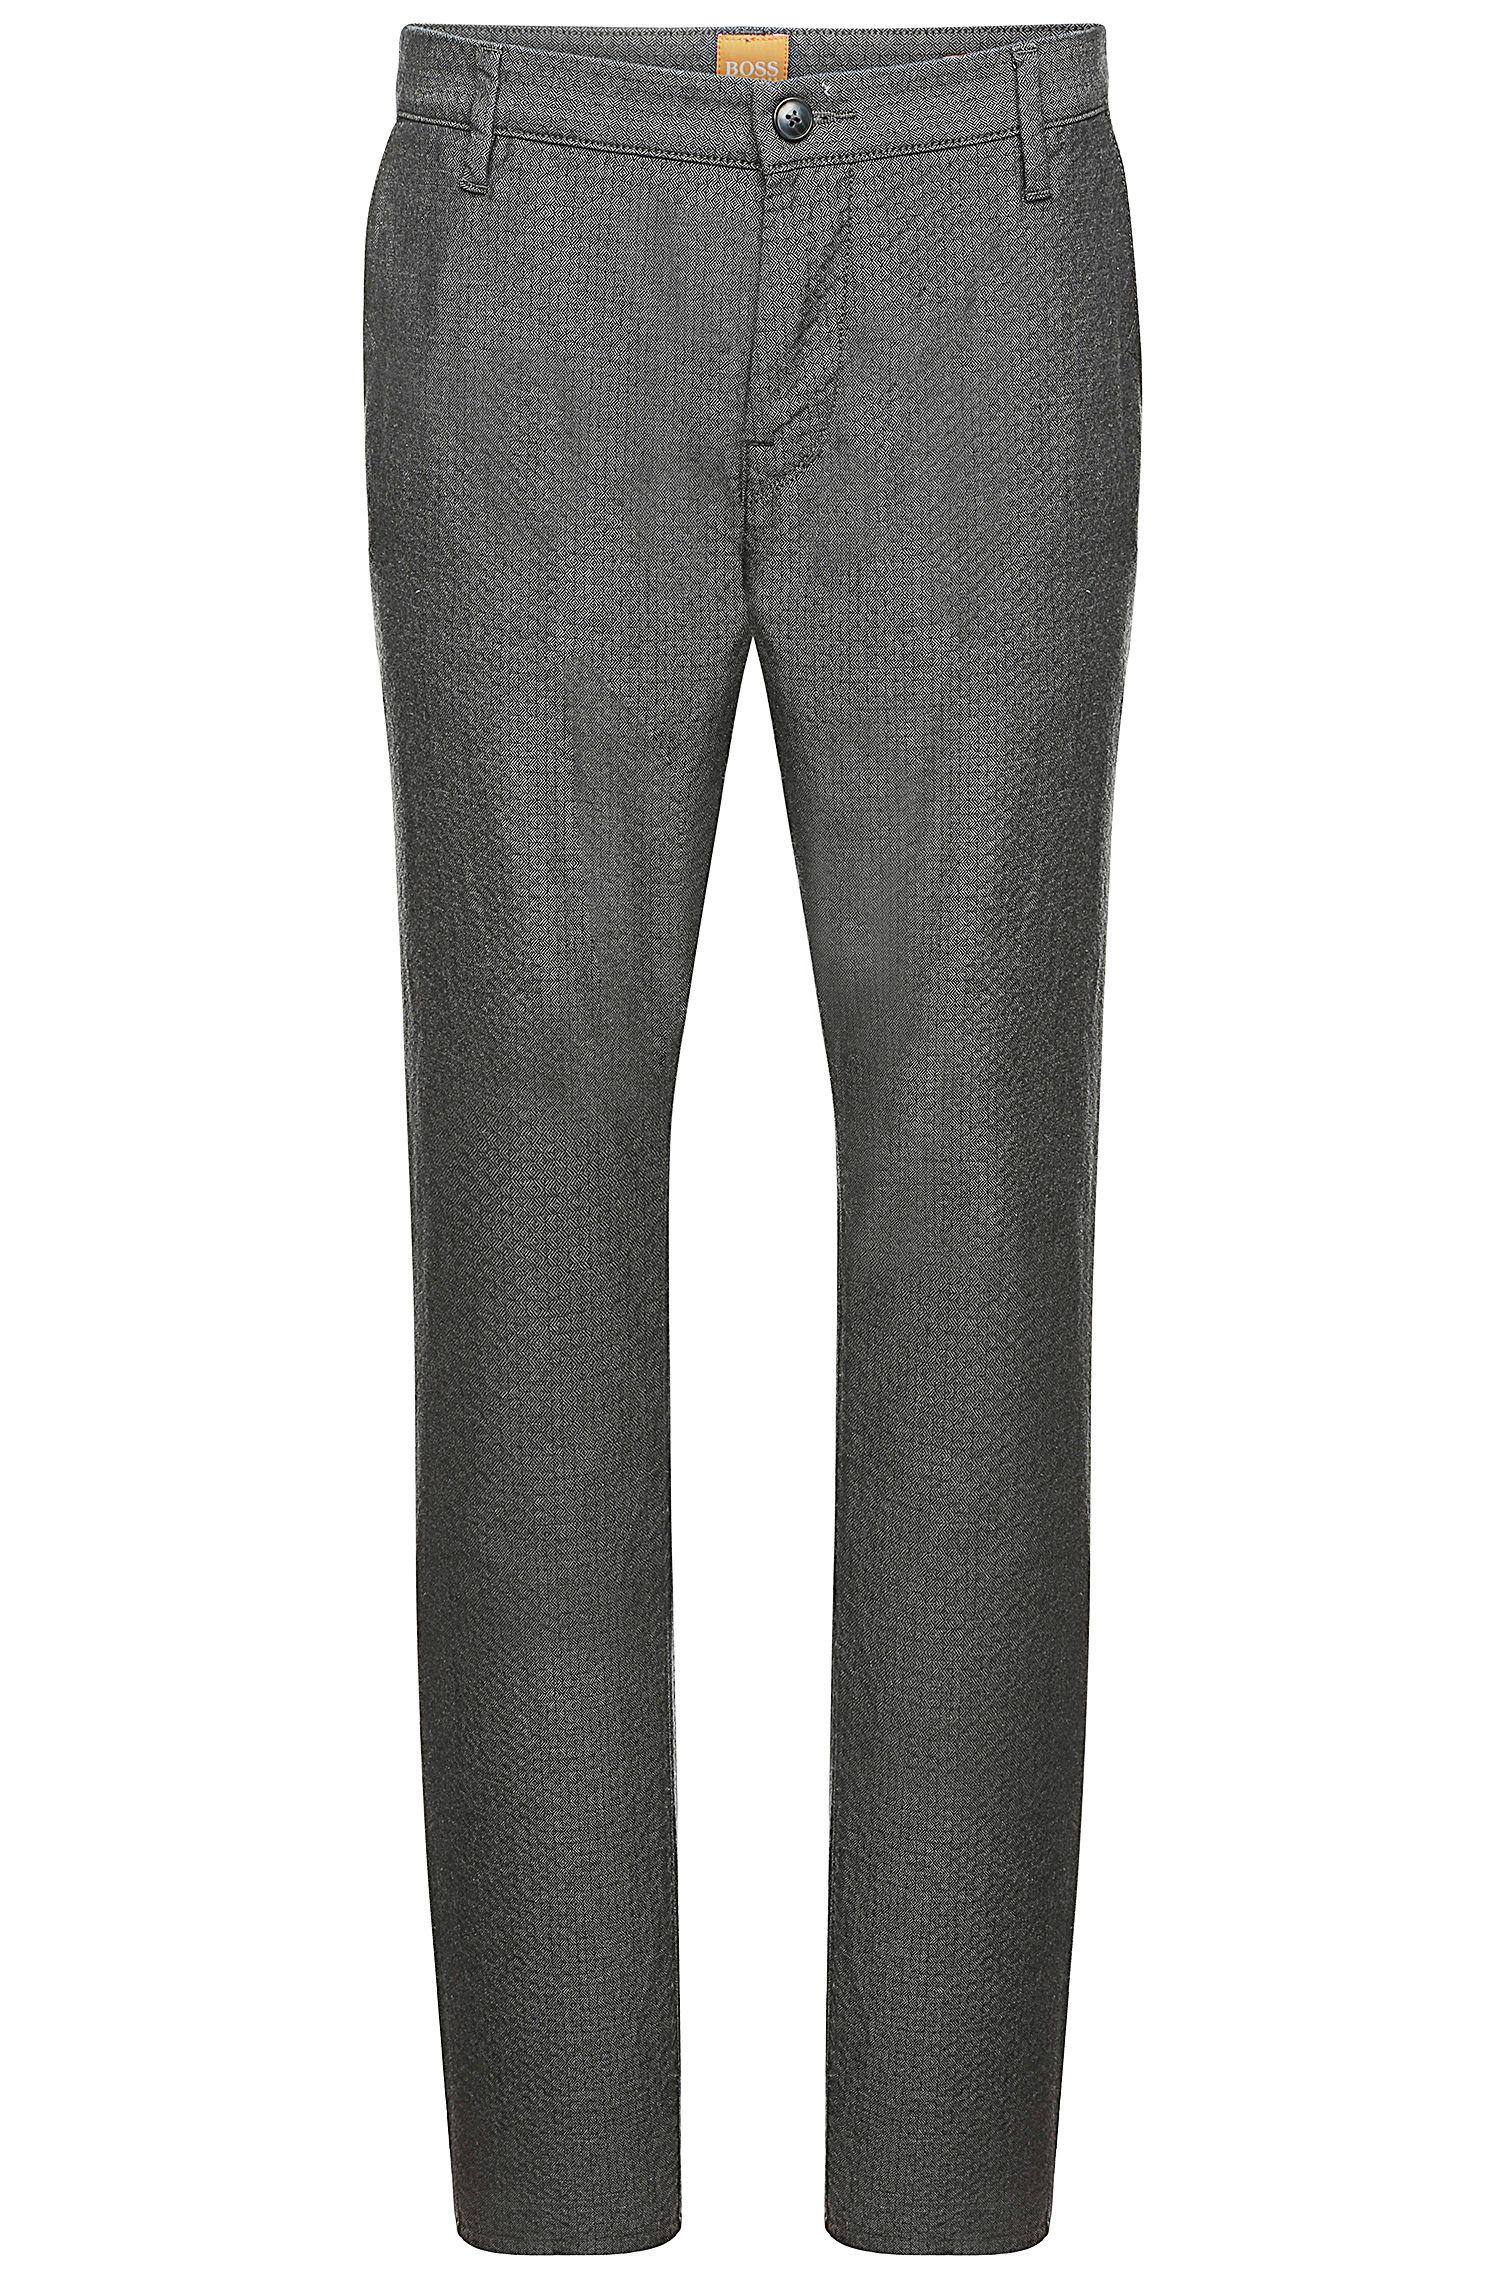 'Sairy-W' | Slim Fit, Stretch Cotton Textured Chinos